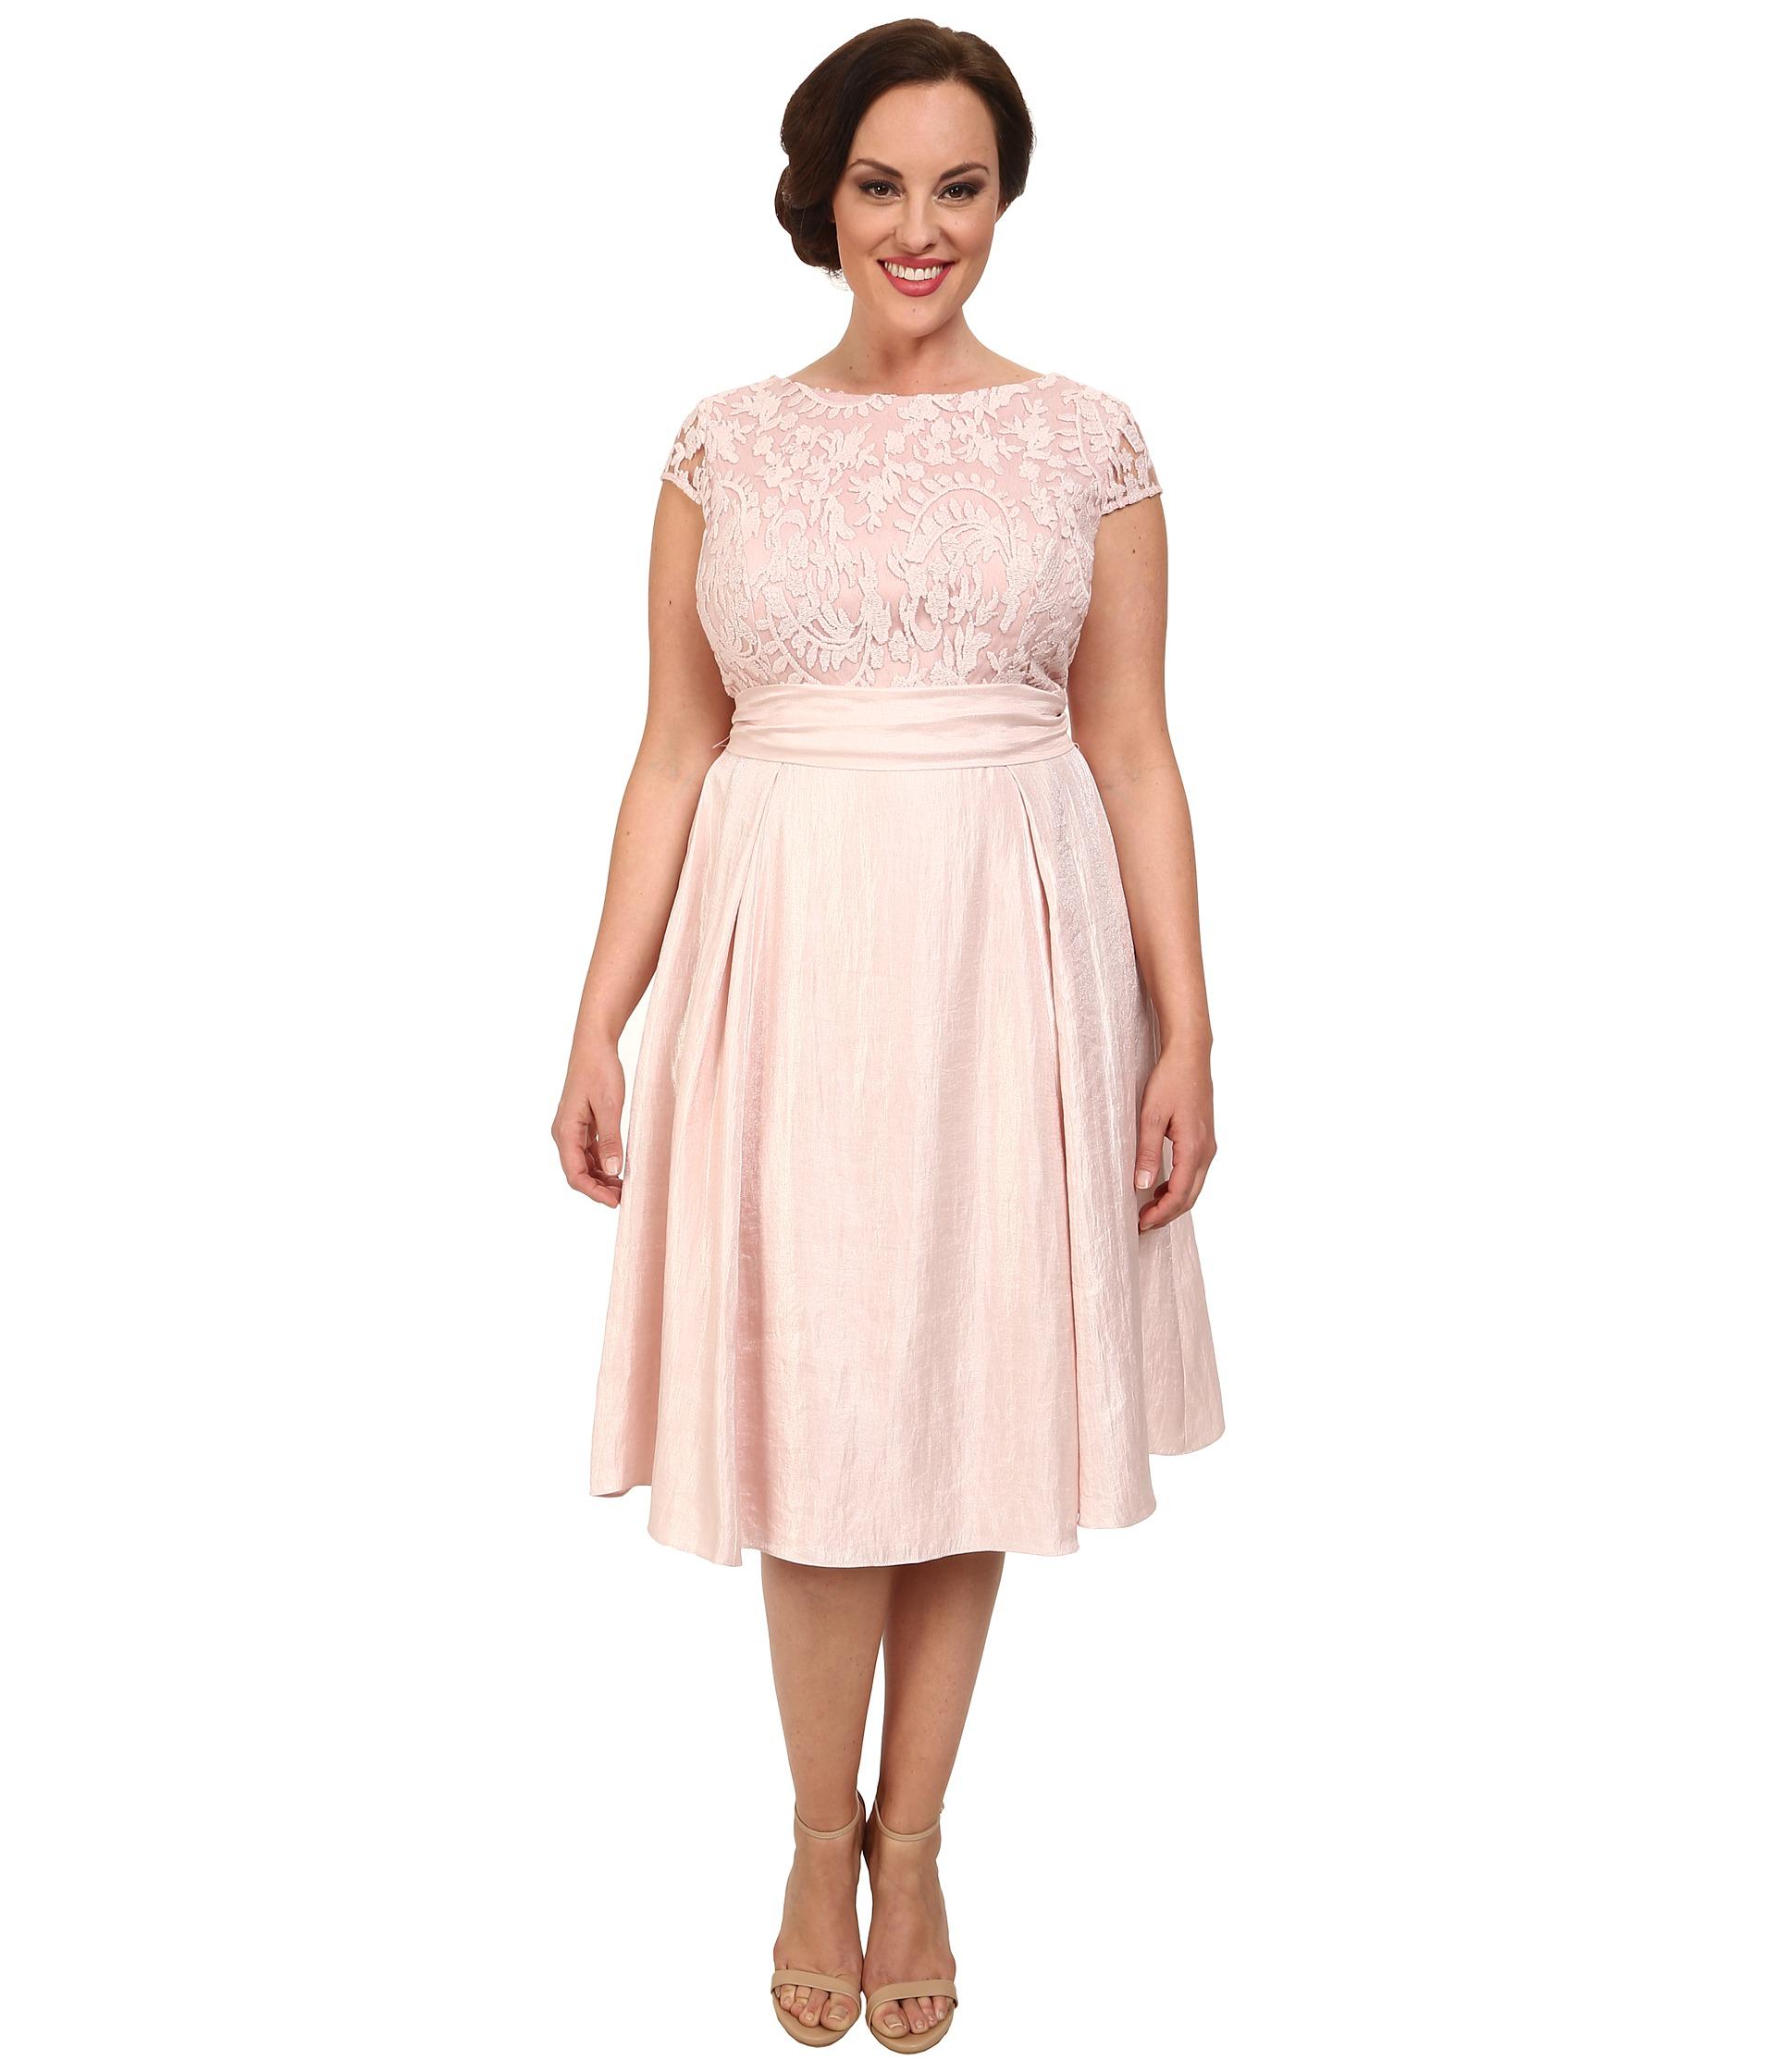 82e100a29386b Lace Overlay Maxi Dress Plus Size - raveitsafe